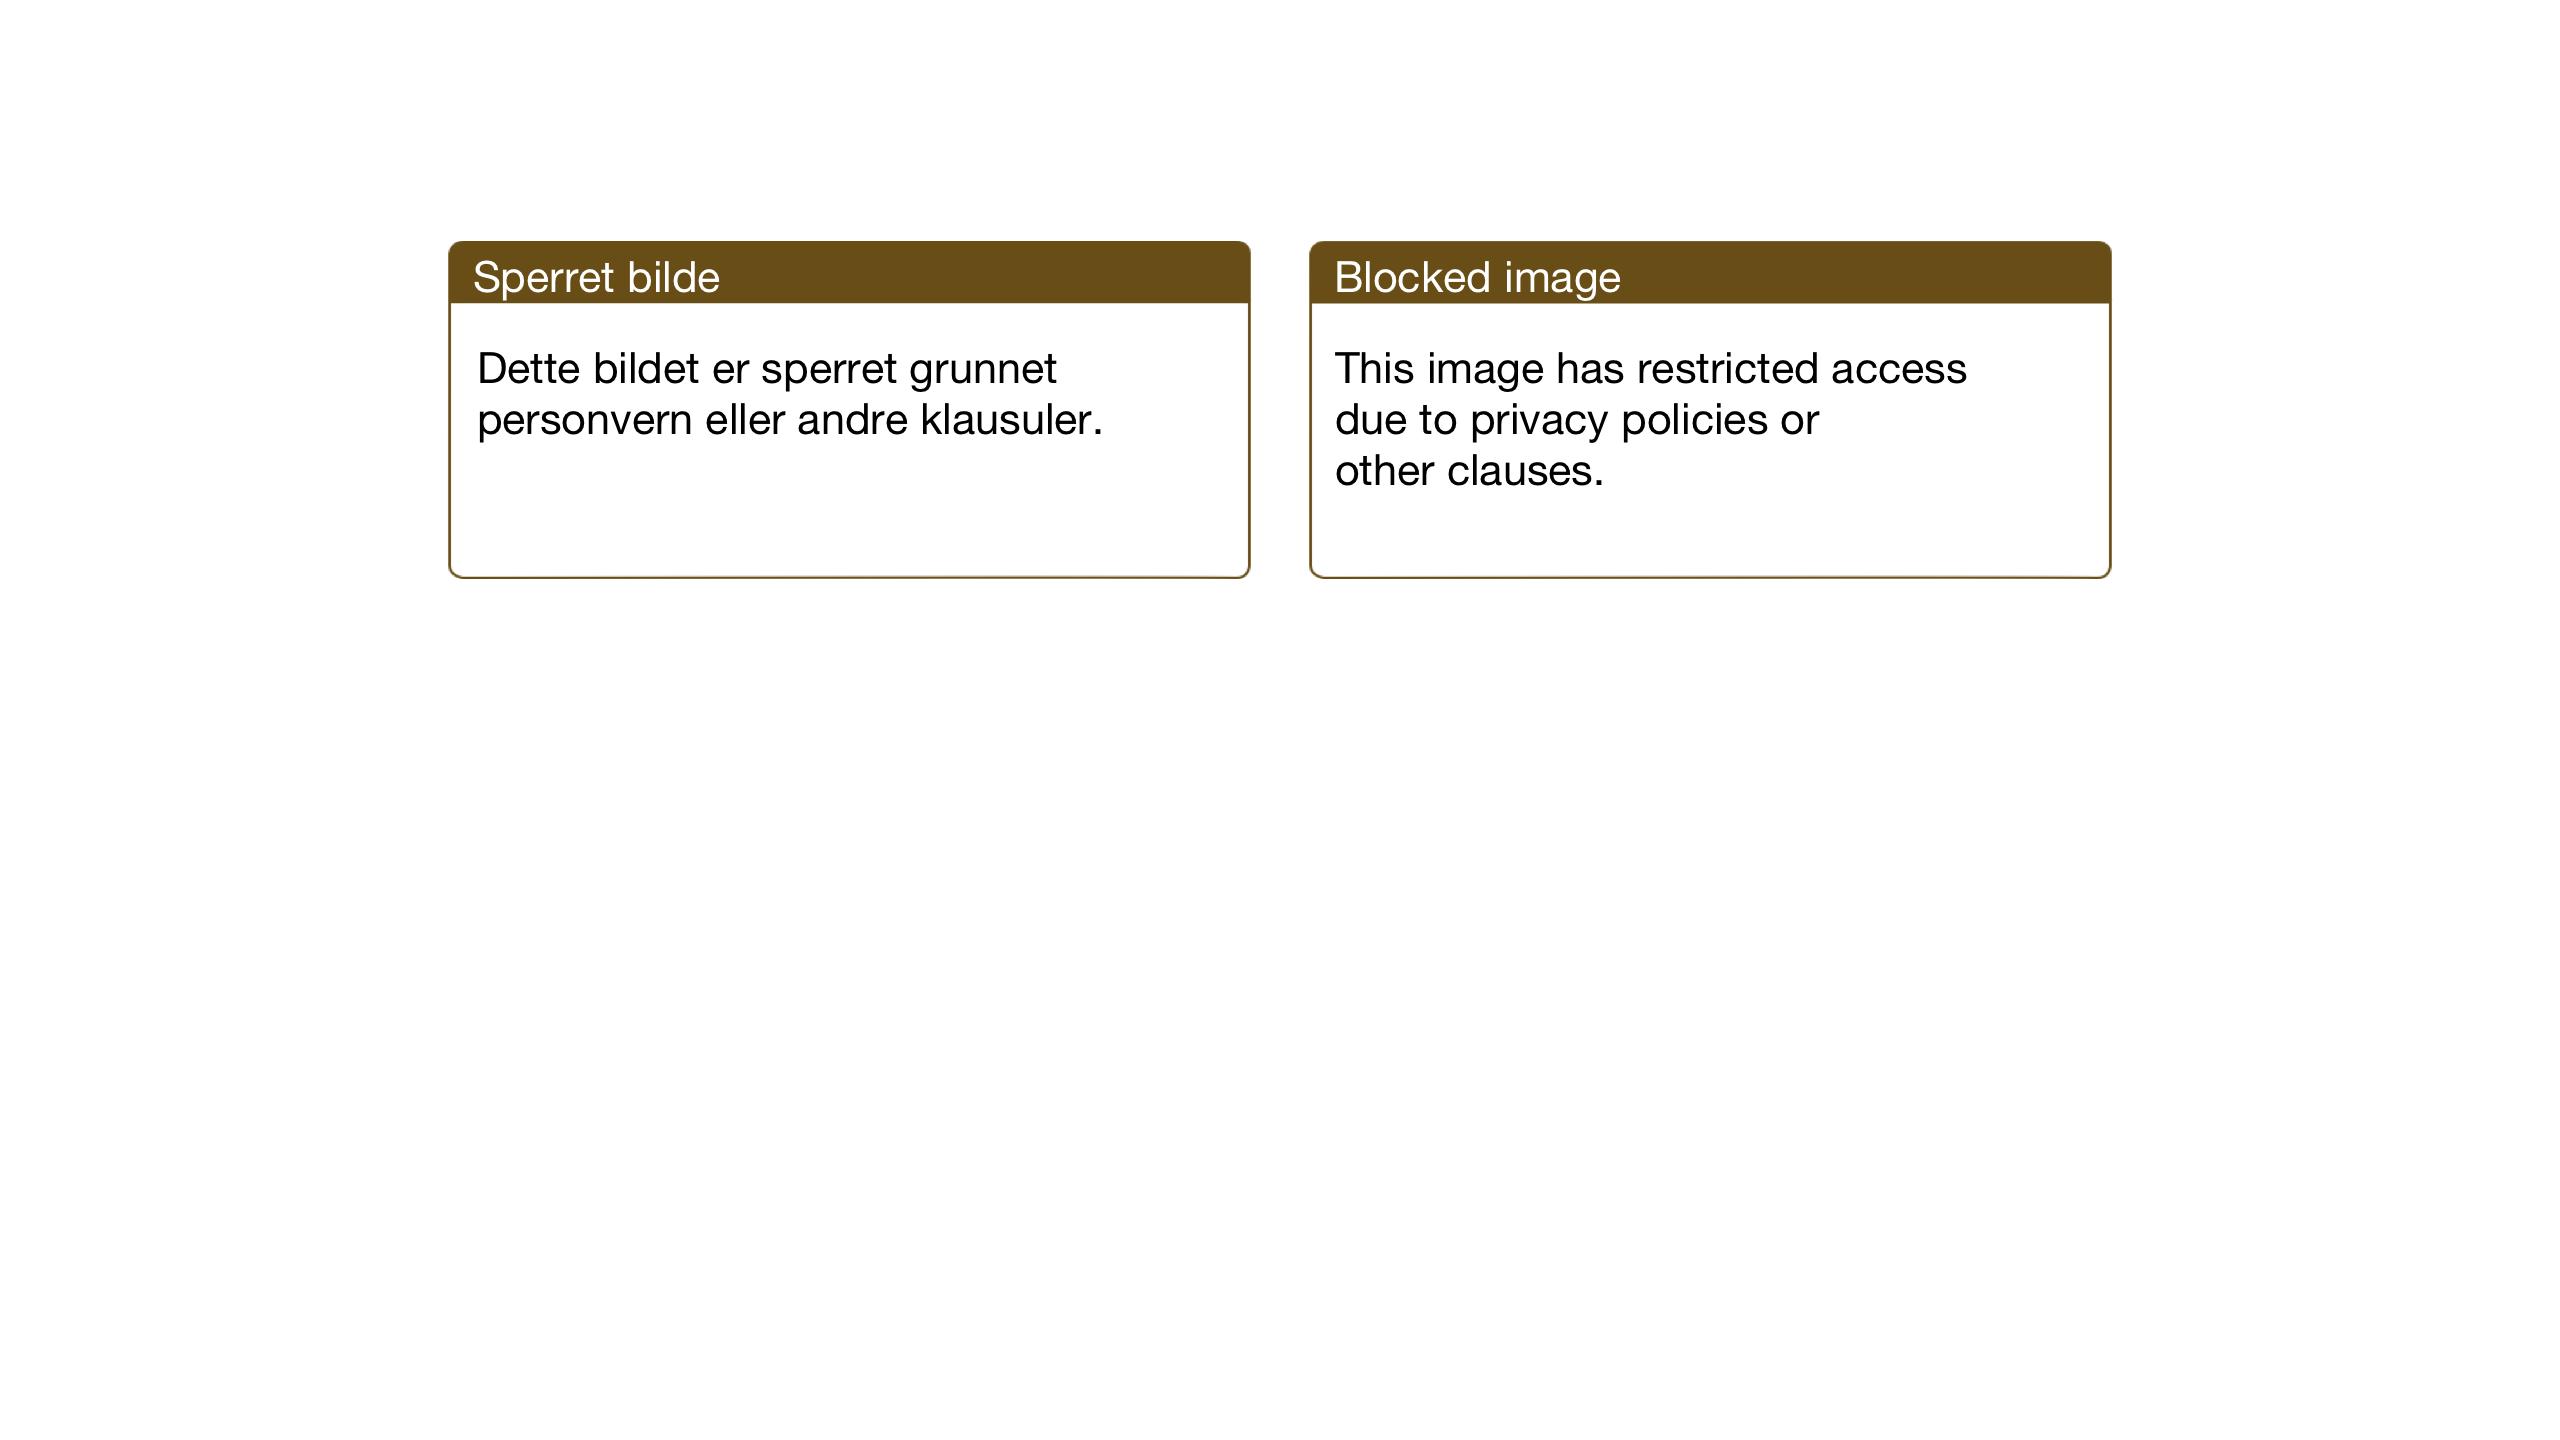 SAT, Ministerialprotokoller, klokkerbøker og fødselsregistre - Nord-Trøndelag, 709/L0089: Klokkerbok nr. 709C03, 1935-1948, s. 148